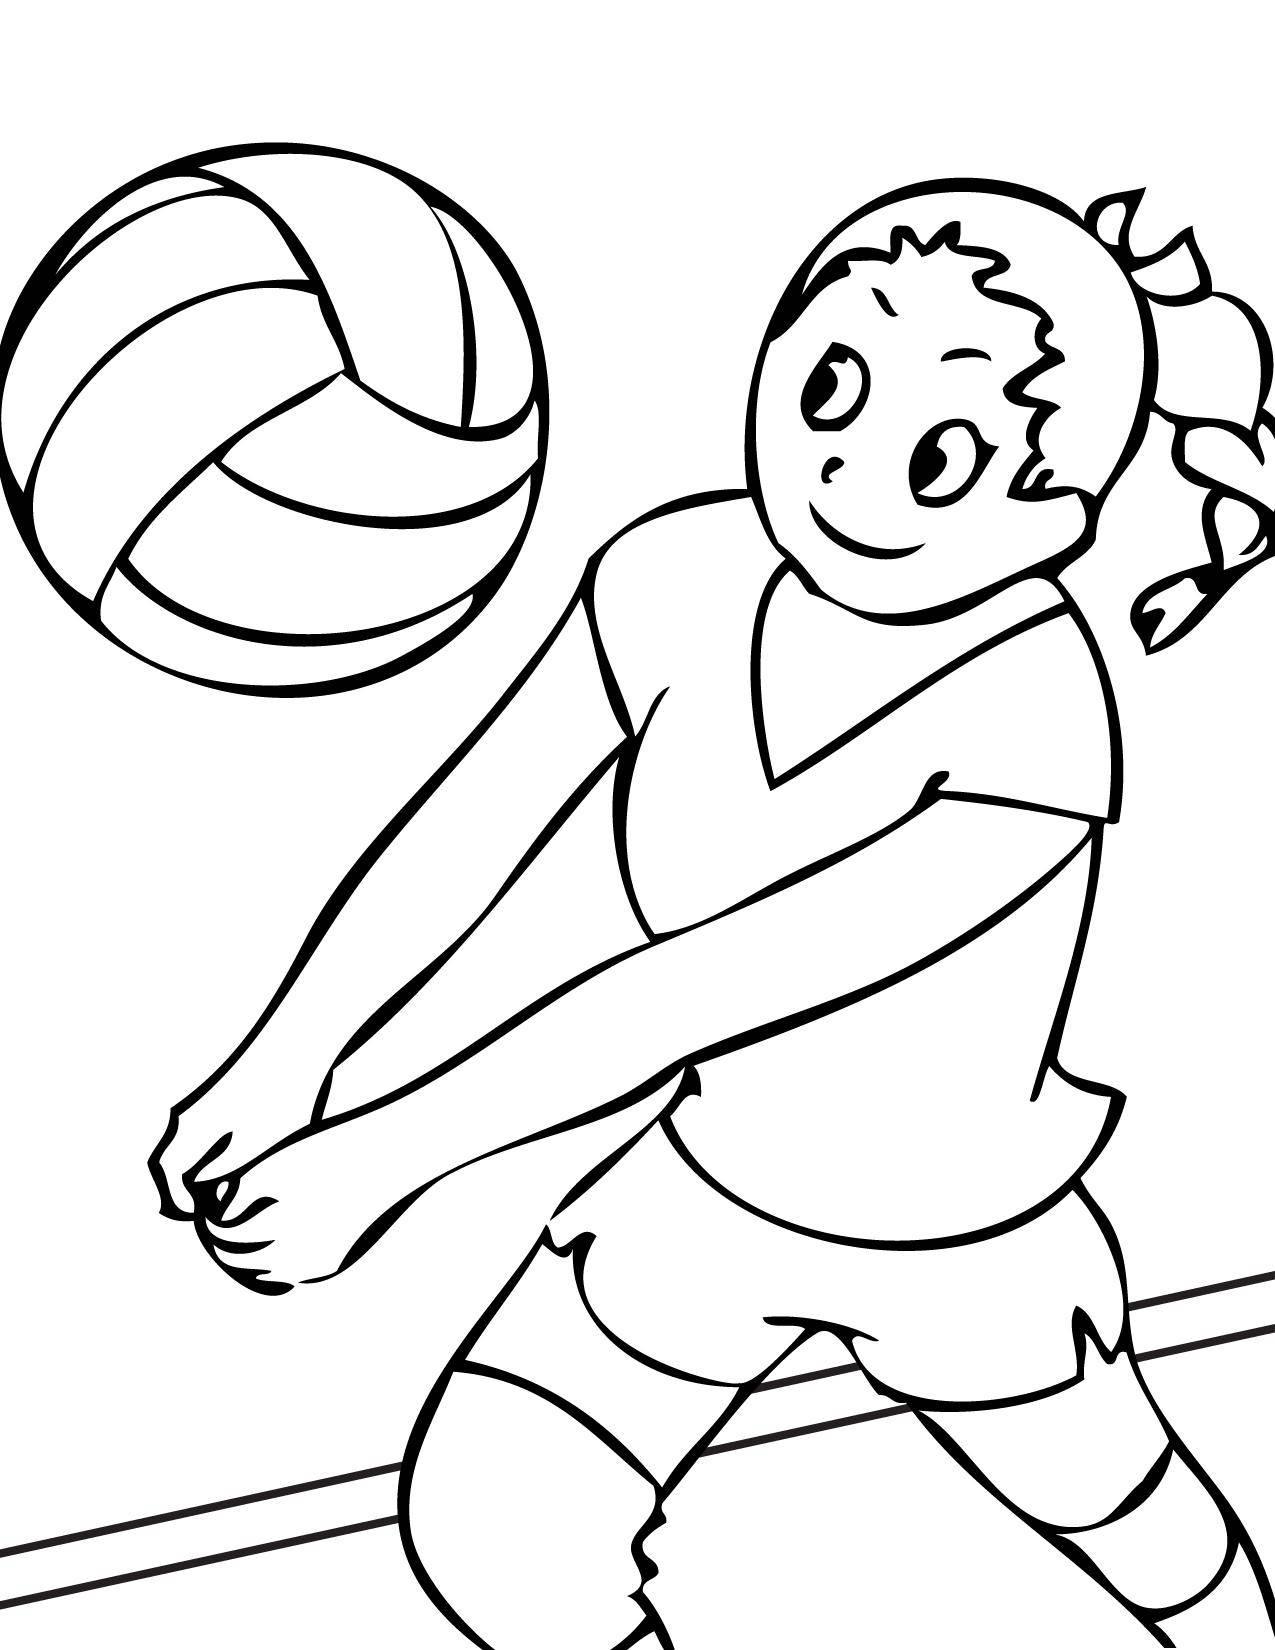 Раскраска Волейбольный мяч летит Скачать Спорт, волейбол, мяч.  Распечатать ,Спорт,